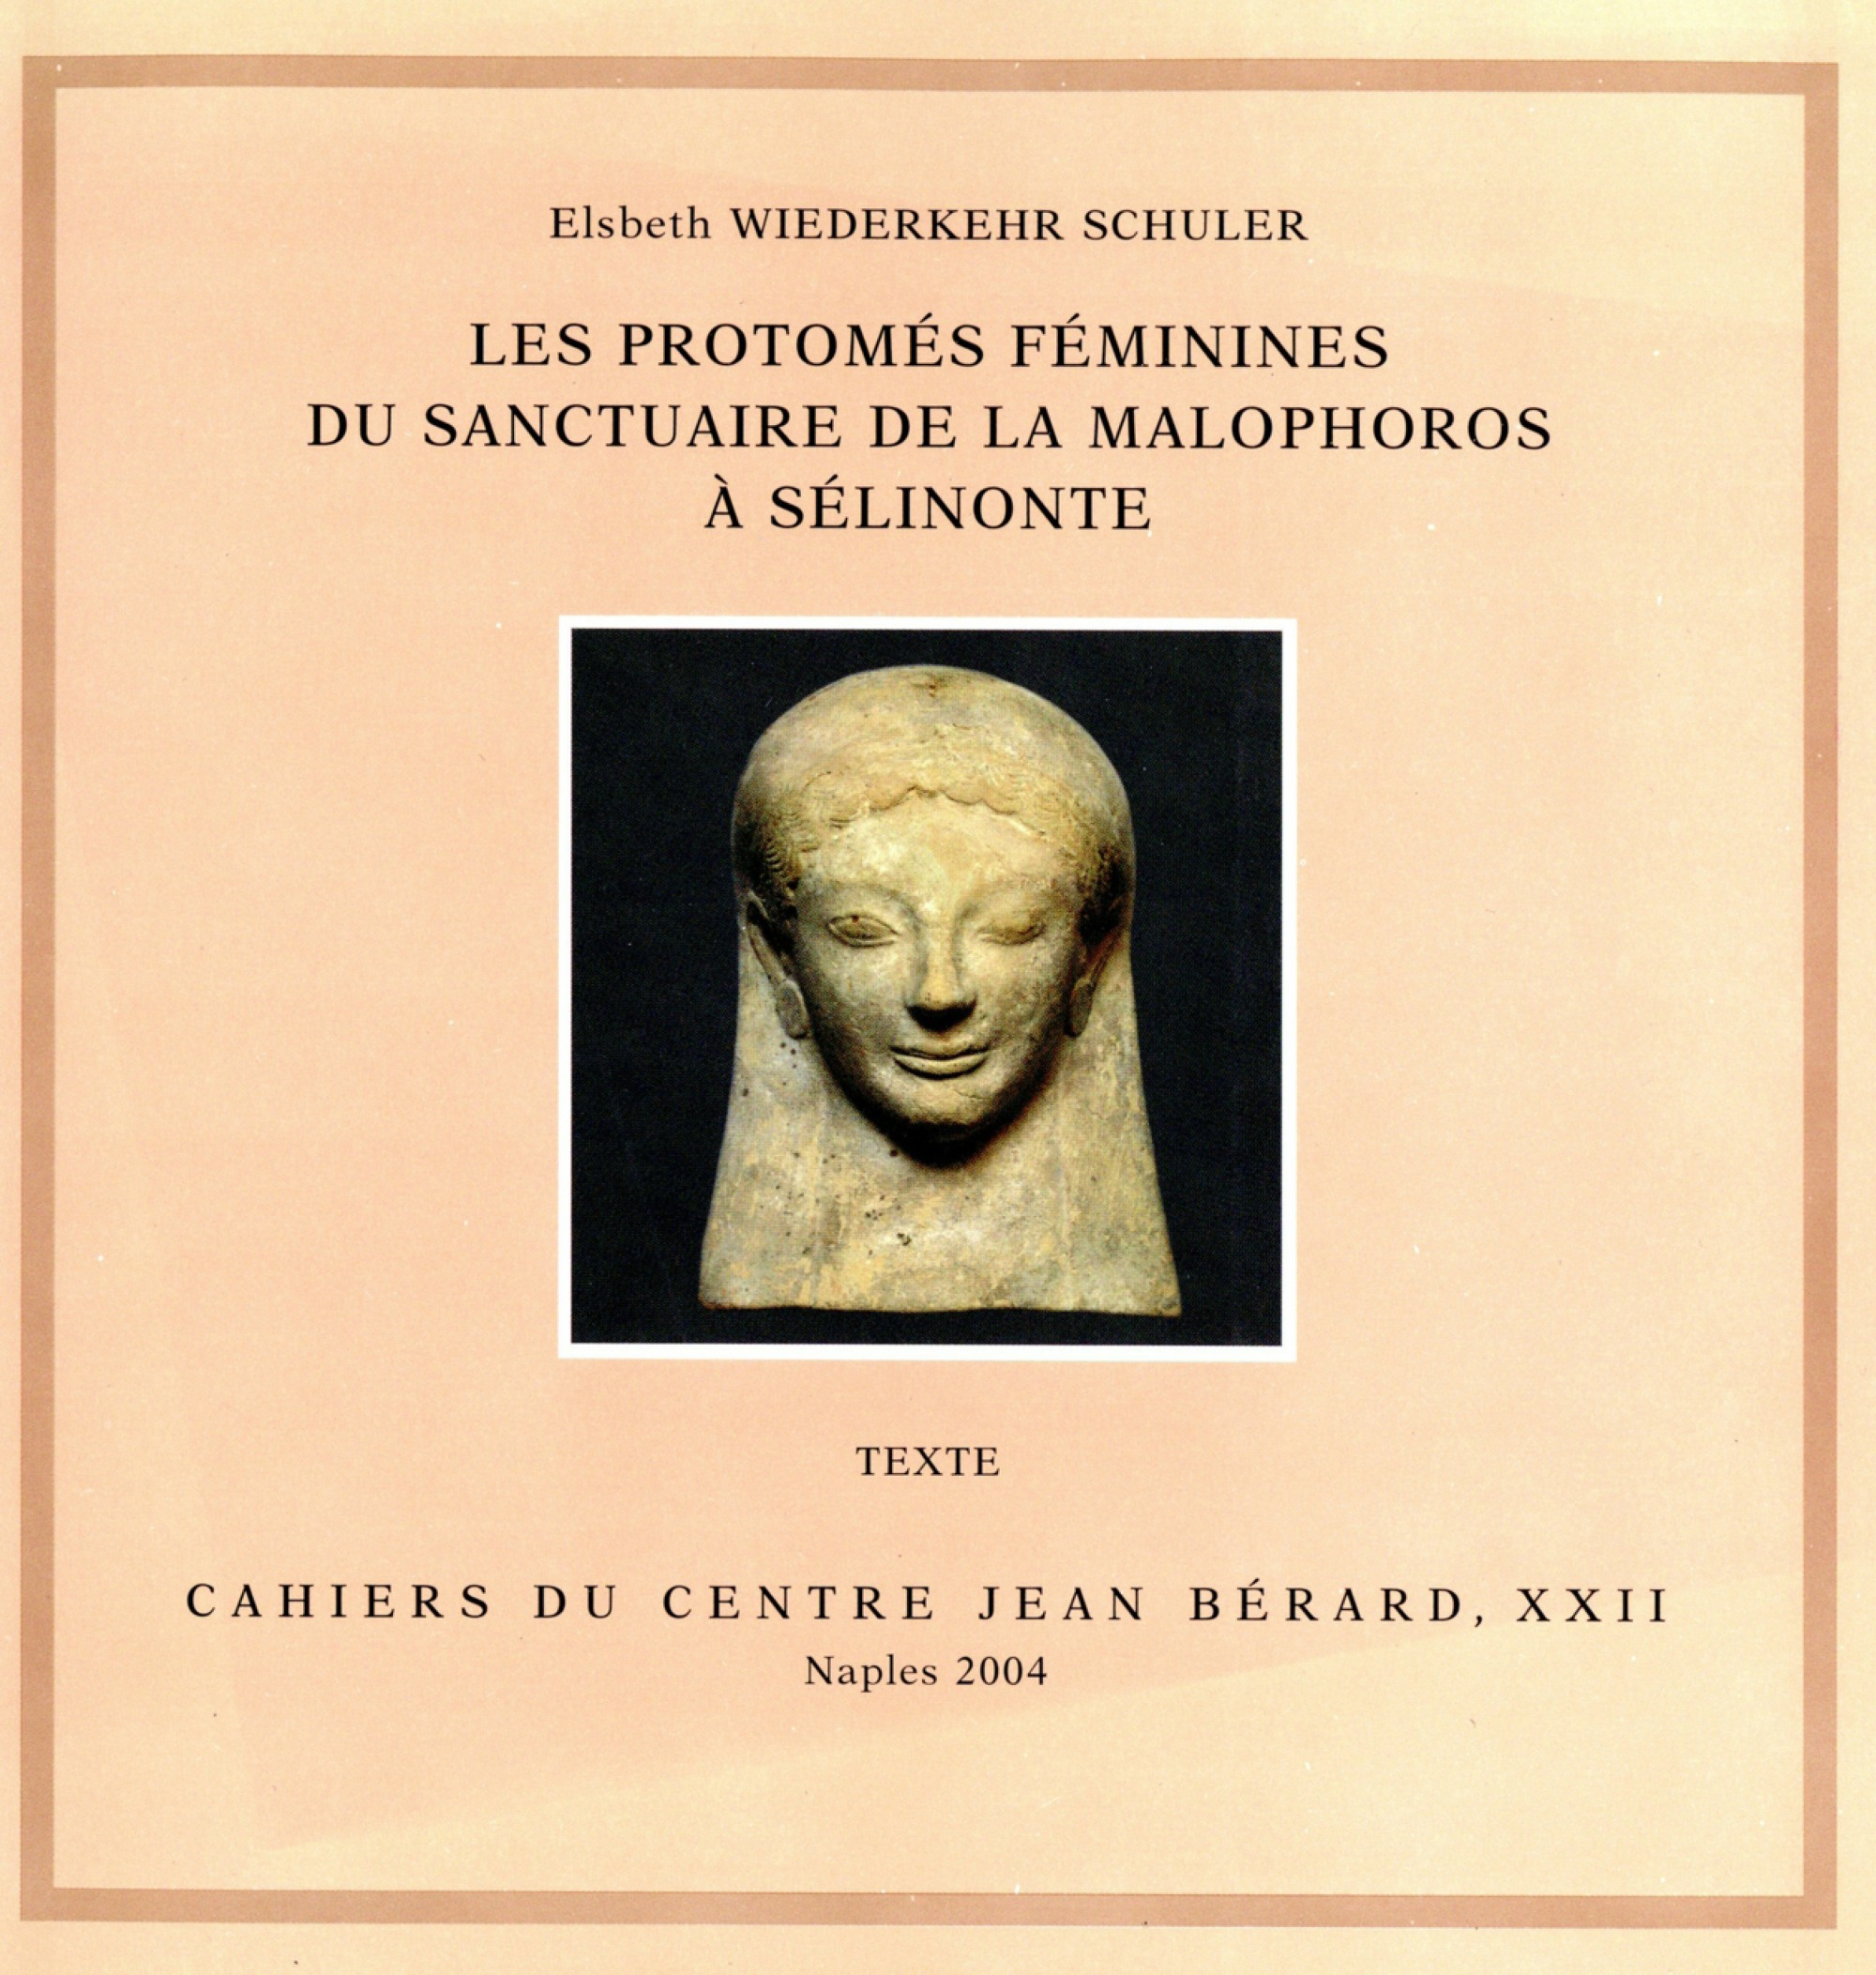 Les protomés féminines du sanctuaire de la Malophoros à Sélinonte